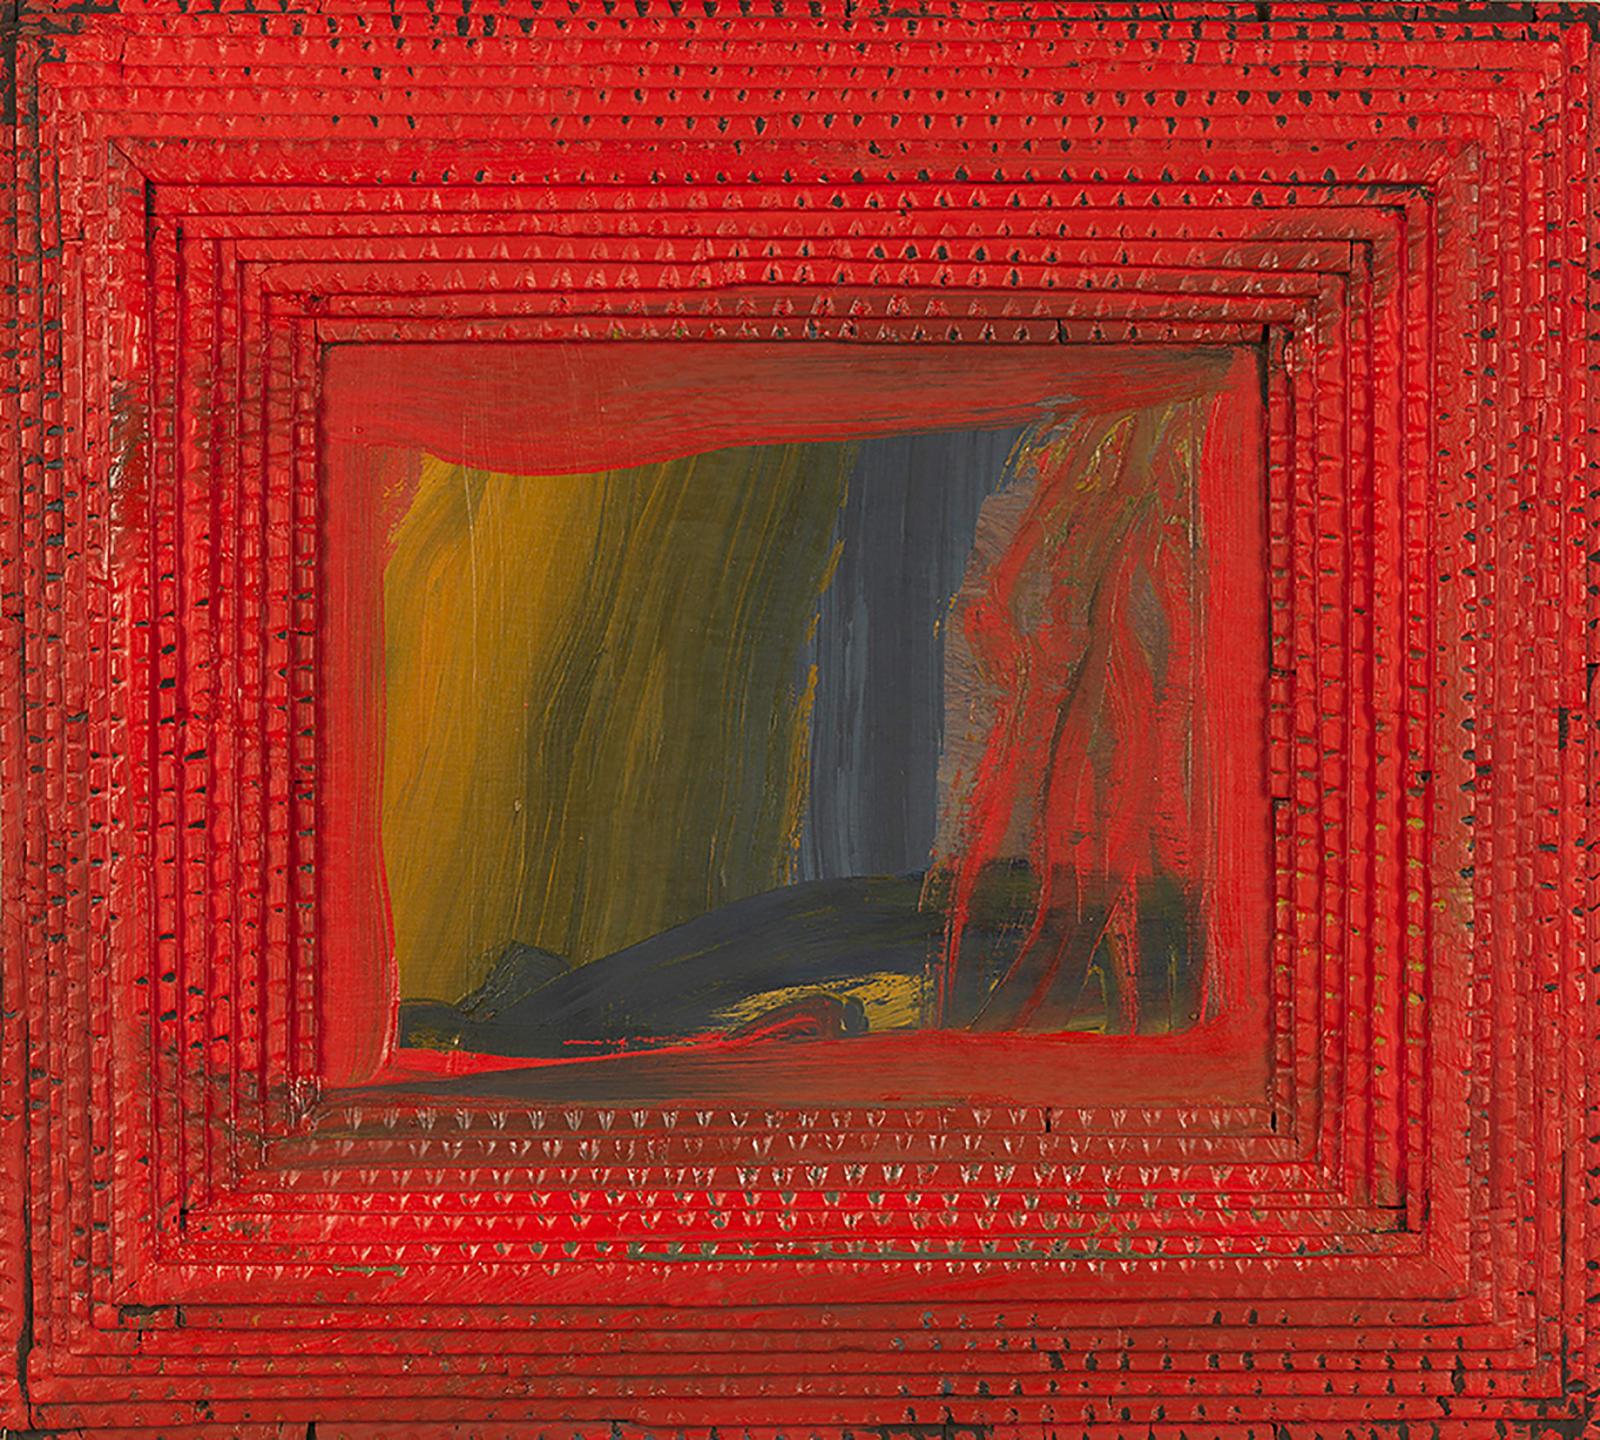 Chinoisserie, 1994-97